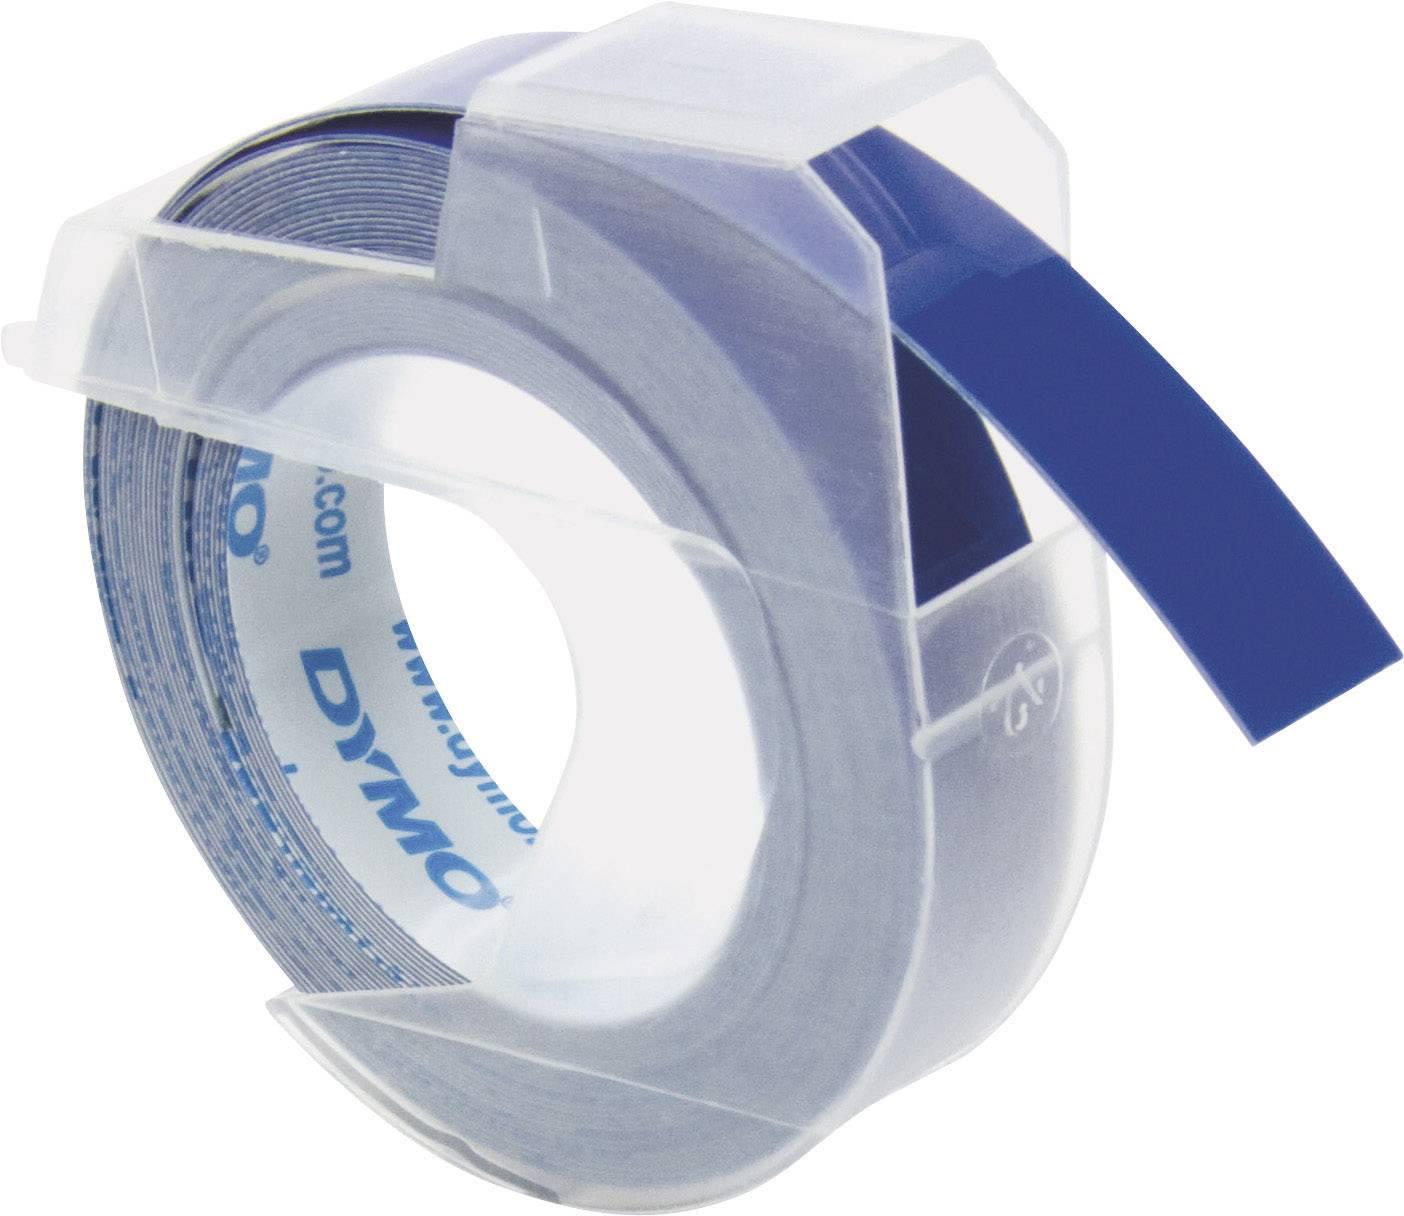 Páska do štítkovača DYMO S0898140, 9 mm, 3 m, biela, modrá